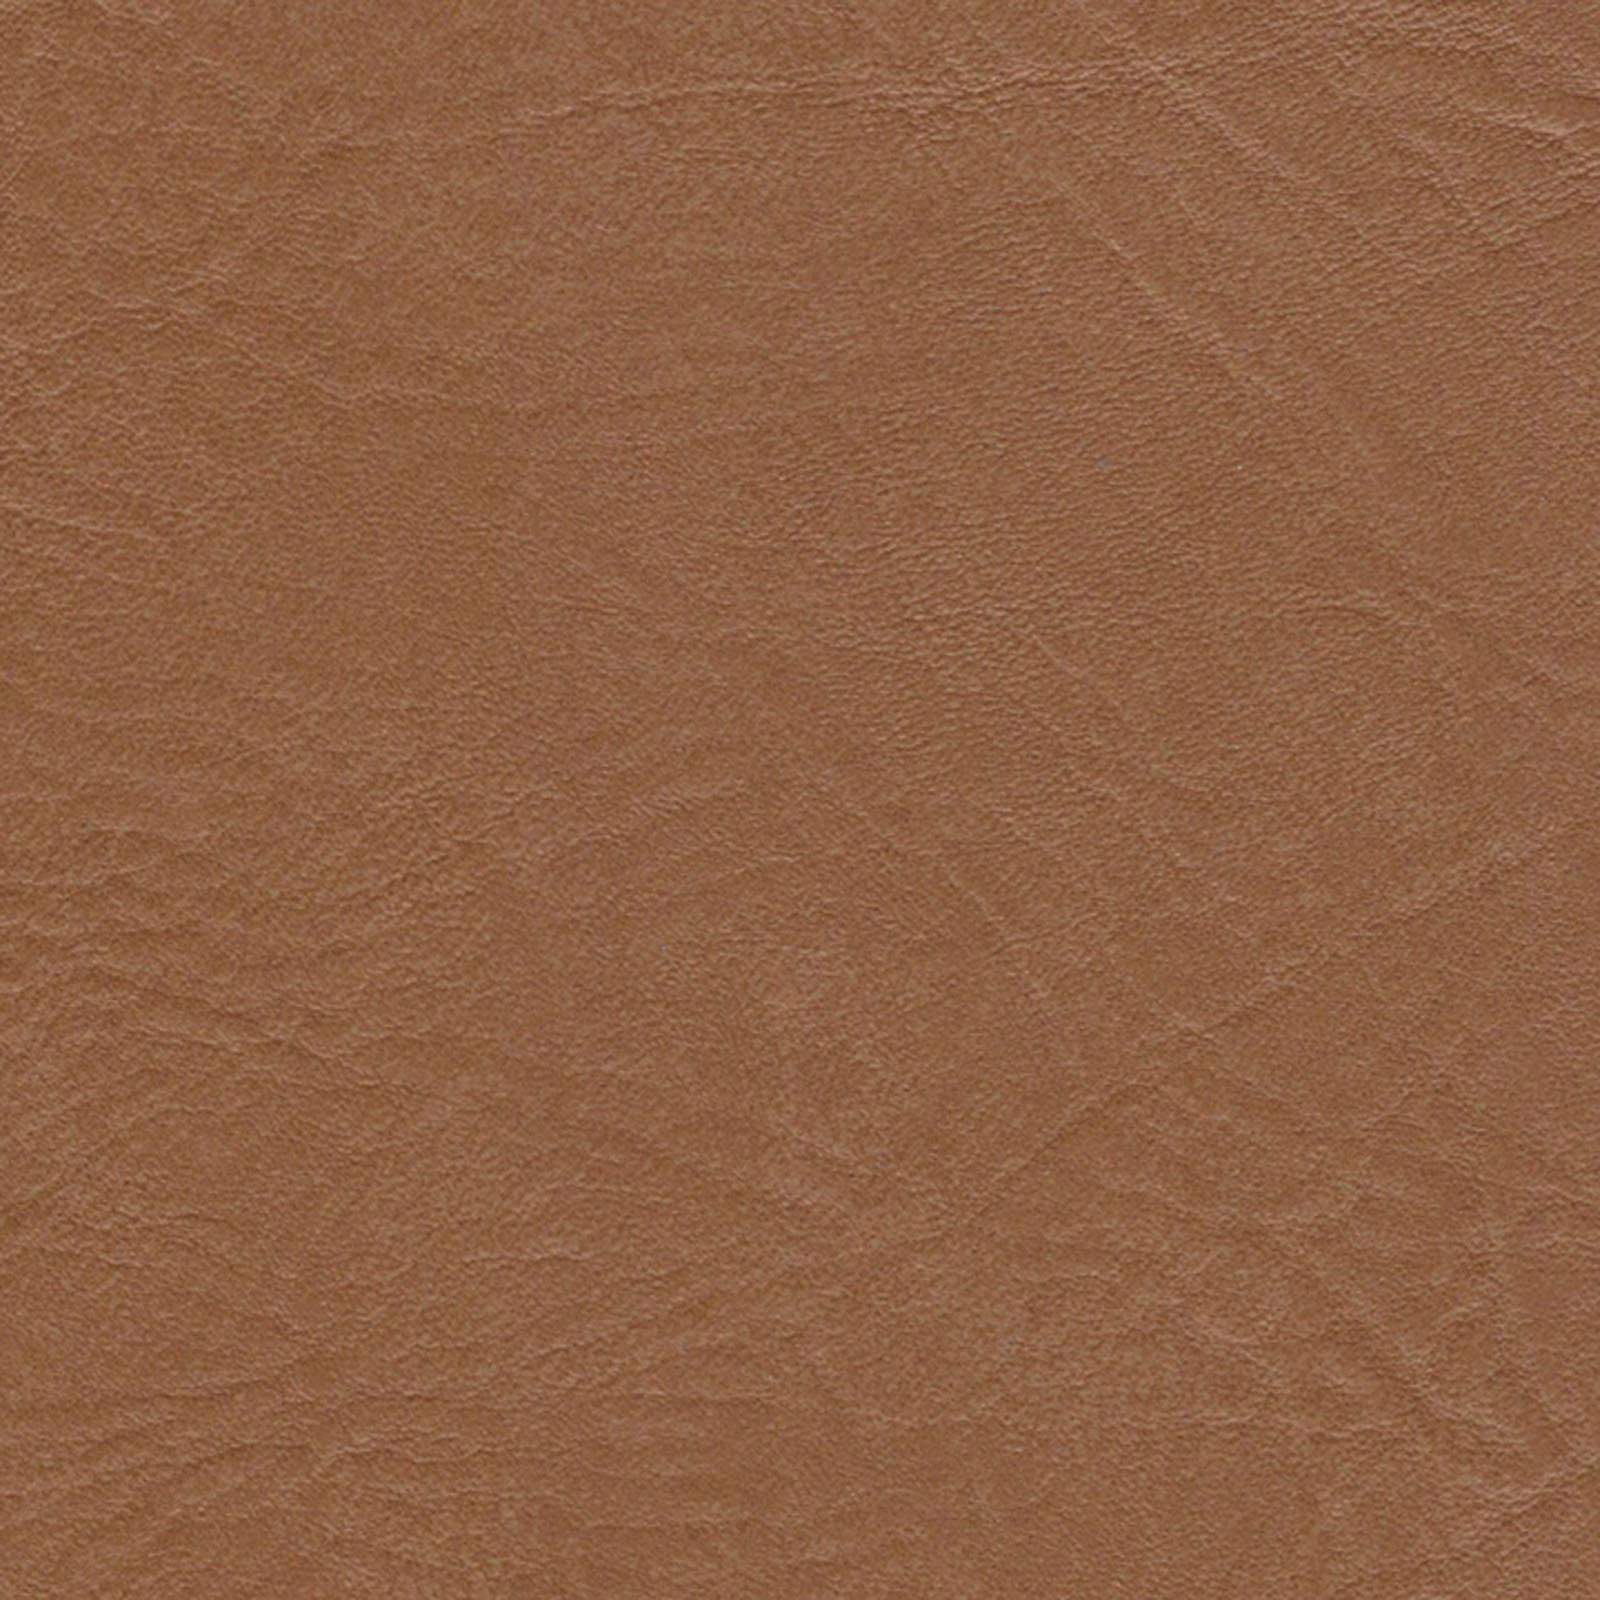 Seabreeze - SEA-0859 - Light Copper